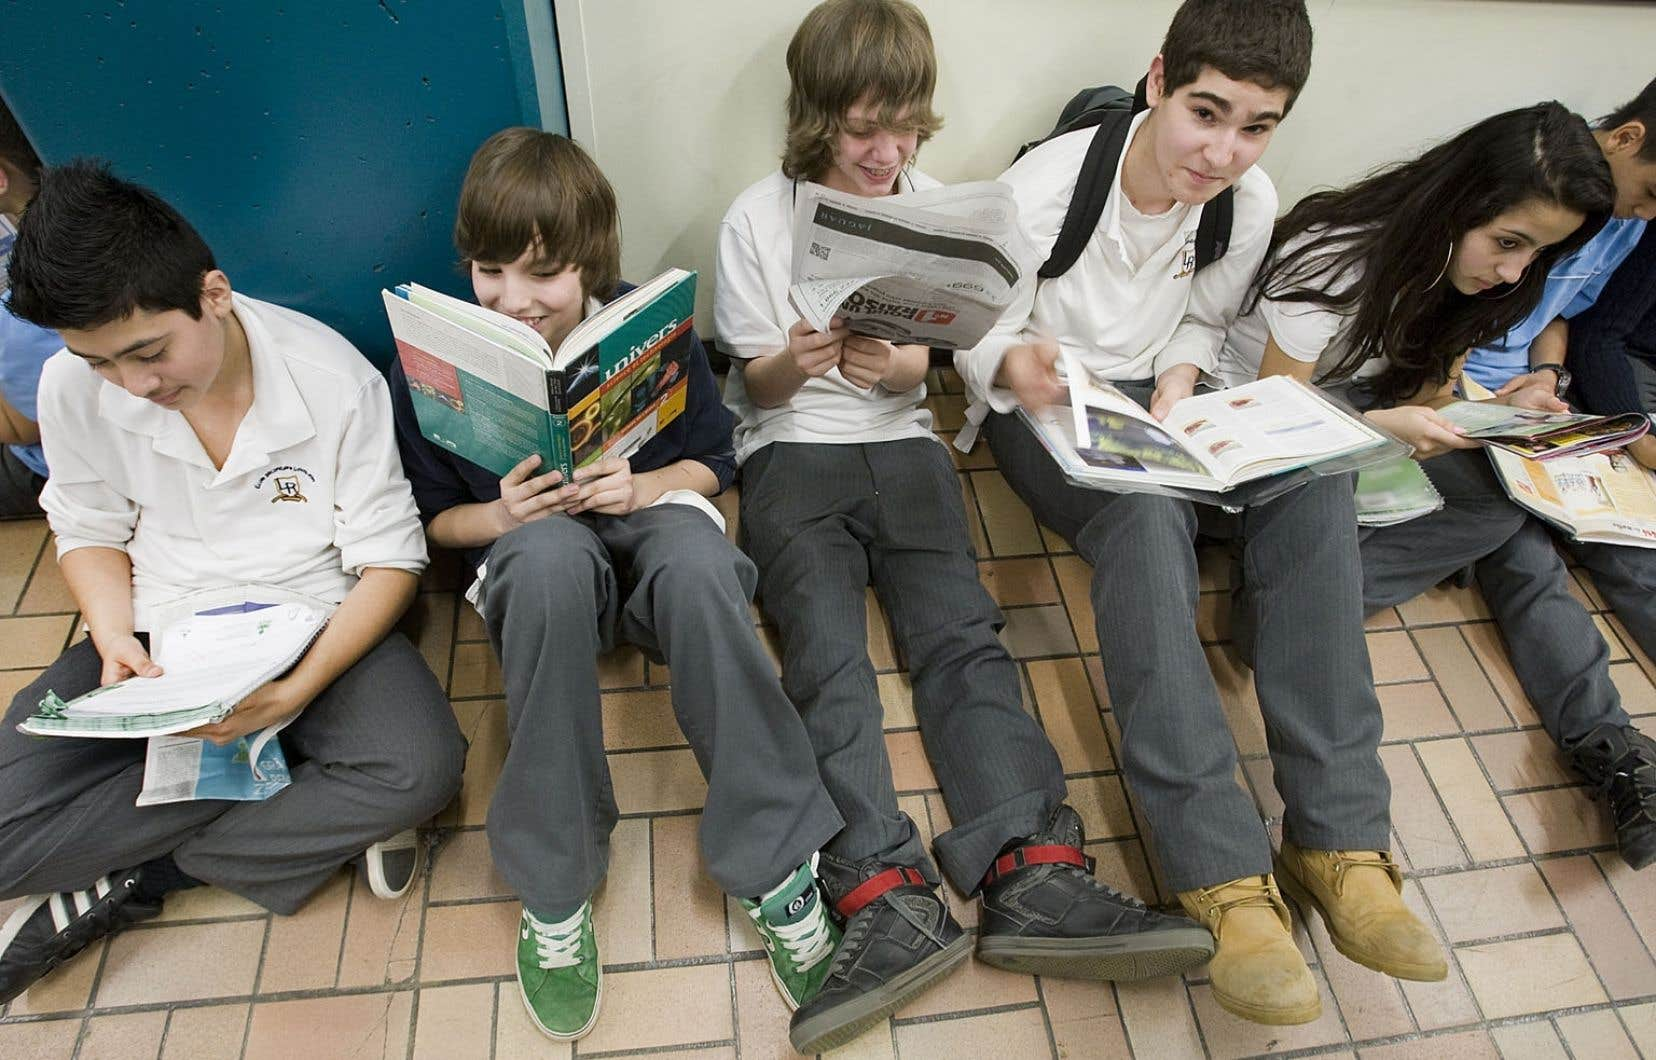 Les élèves québécois demeurent dans le peloton de tête pour leurs compétences en lecture, même s'ils ont perdu quelques rangs.